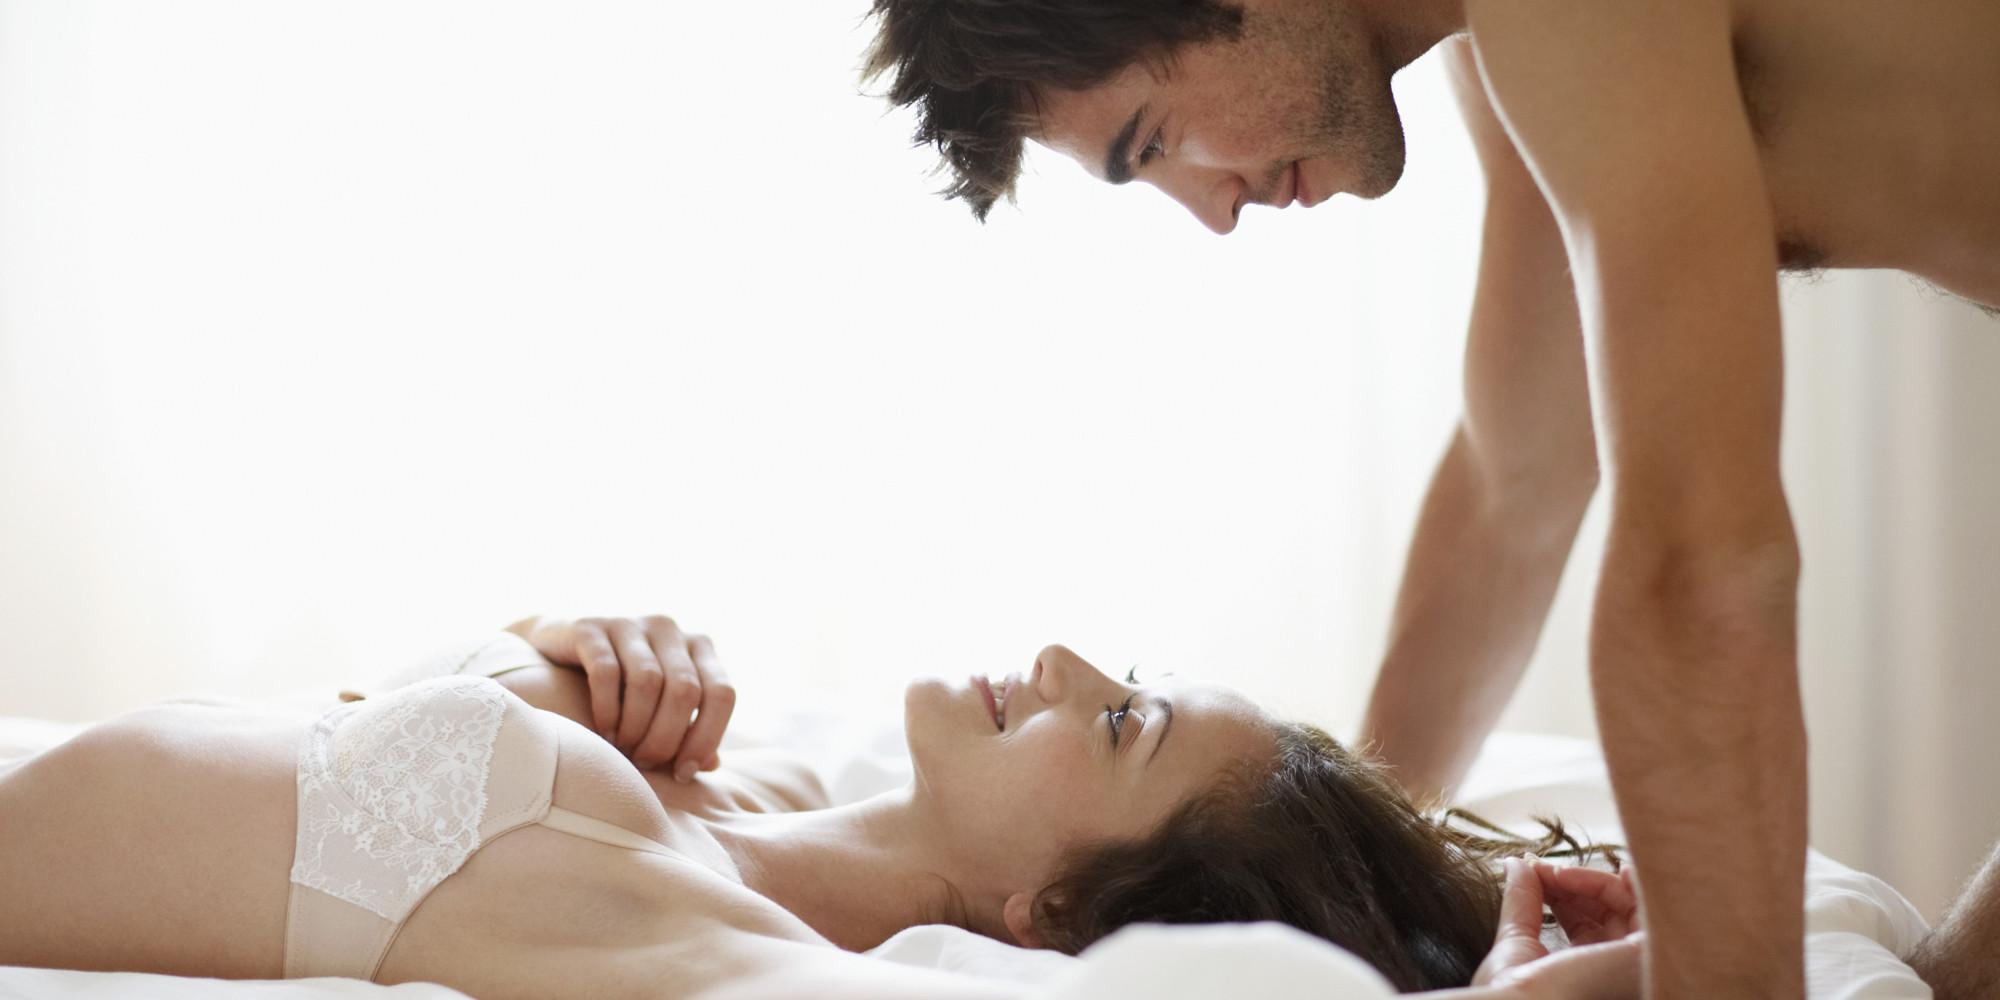 Смотреть секс в квартирах, Русское домашнее порно видео - частный русский секс 18 фотография